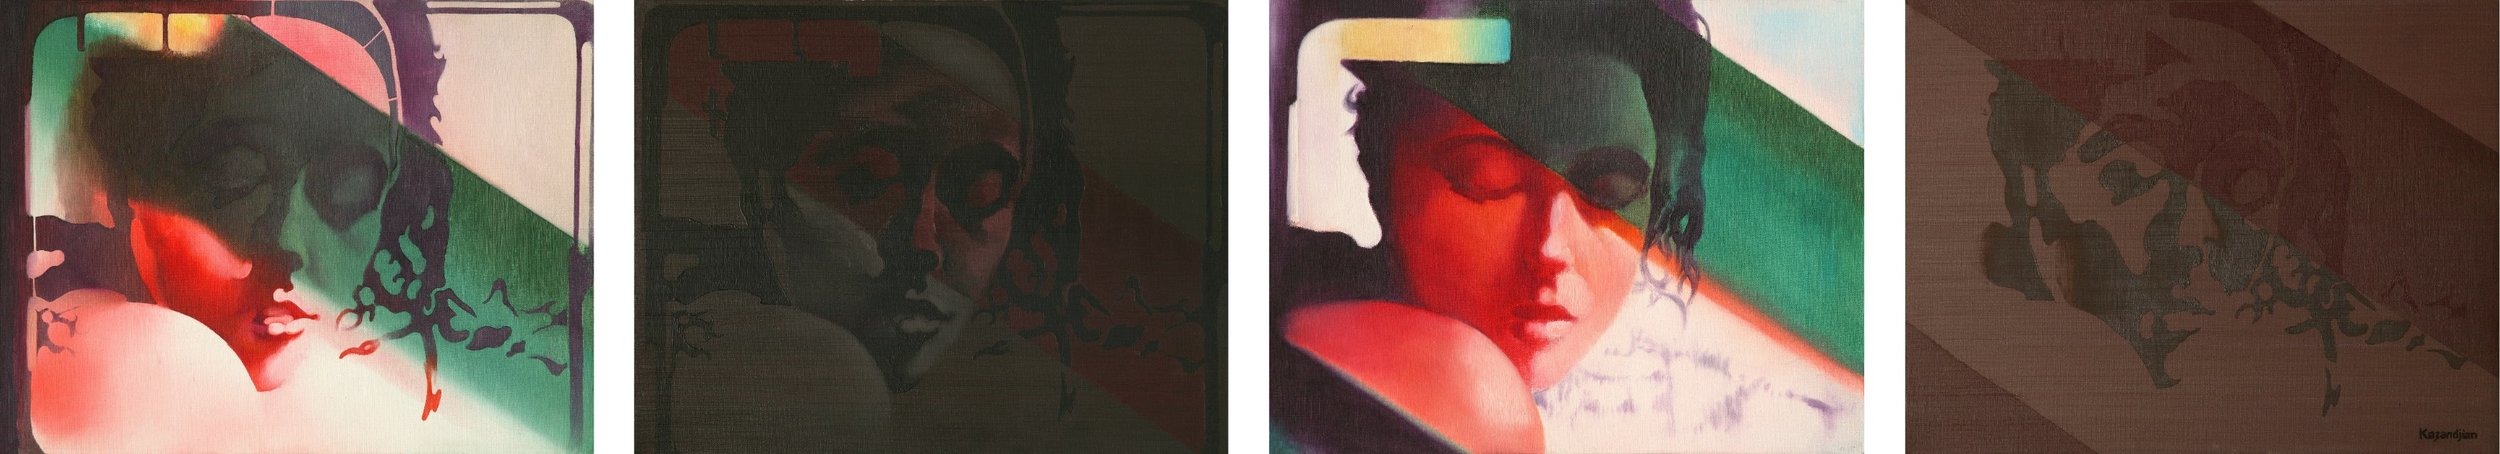 Sequences - Portrait of Woman - Four Tempos